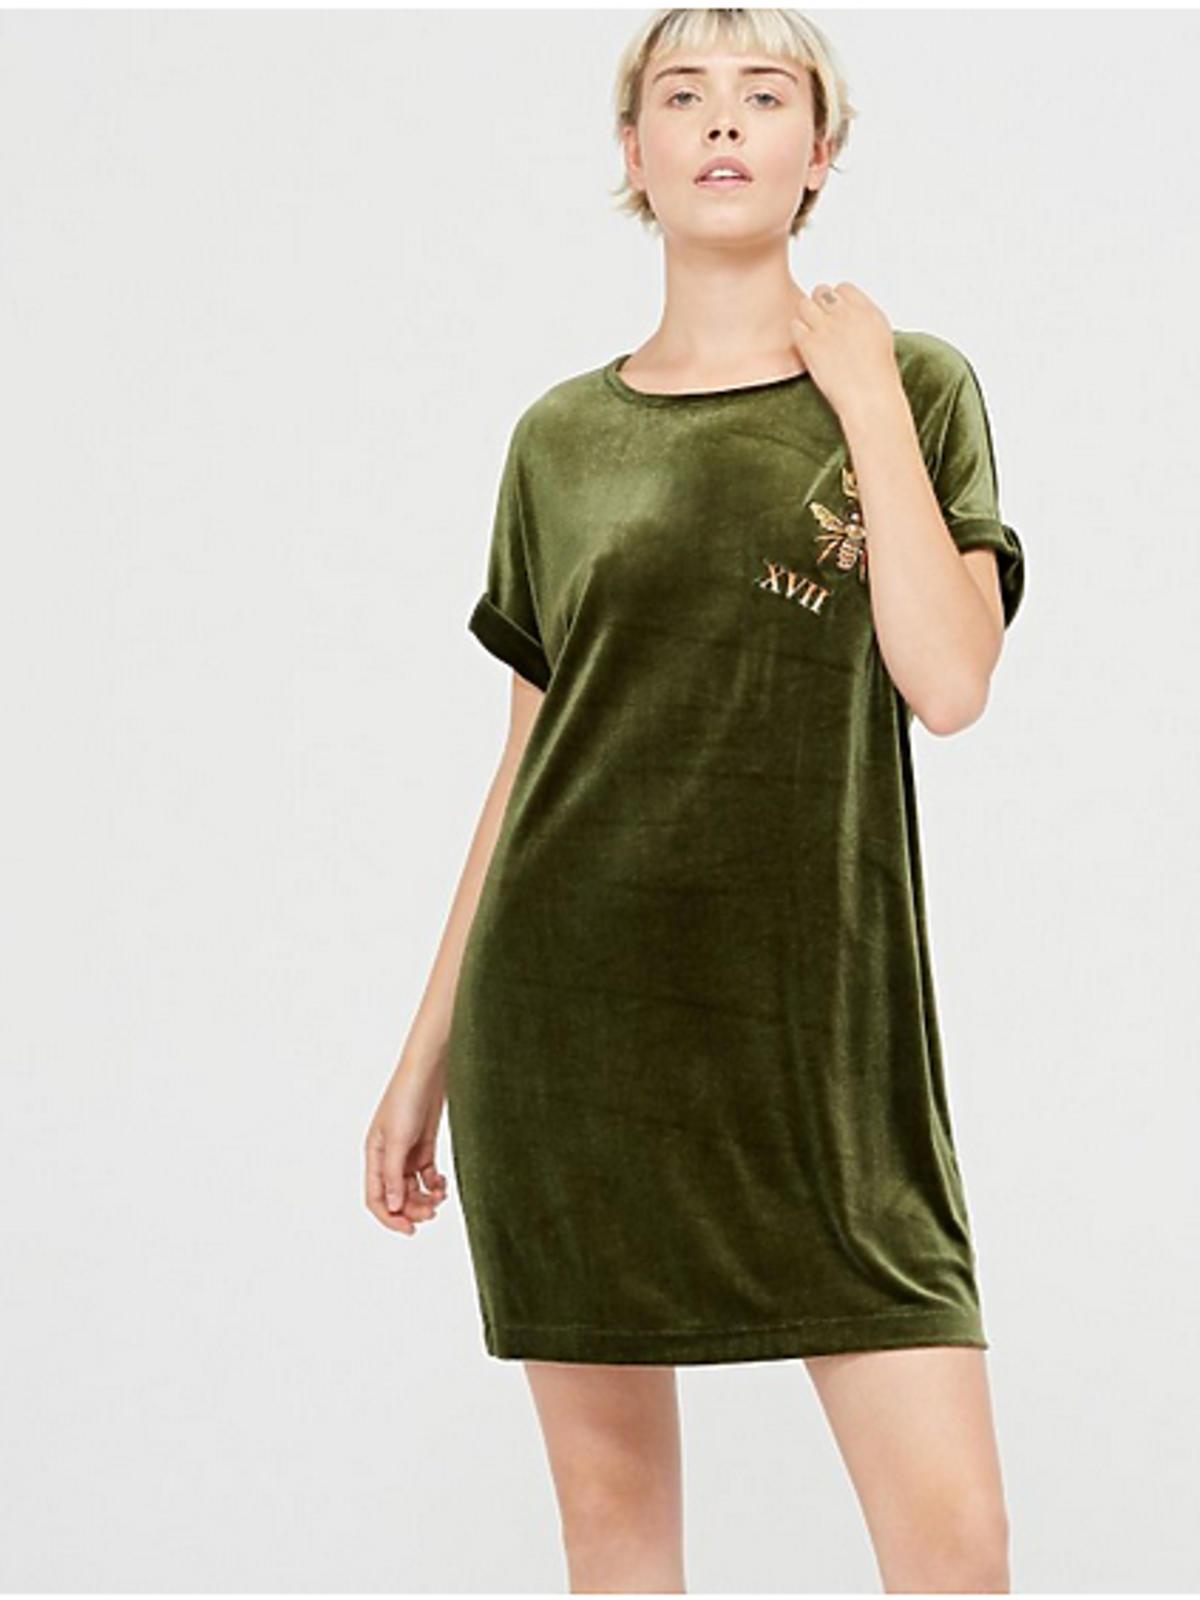 Zielona welurowa sukienka, Cropp, 39 złotych